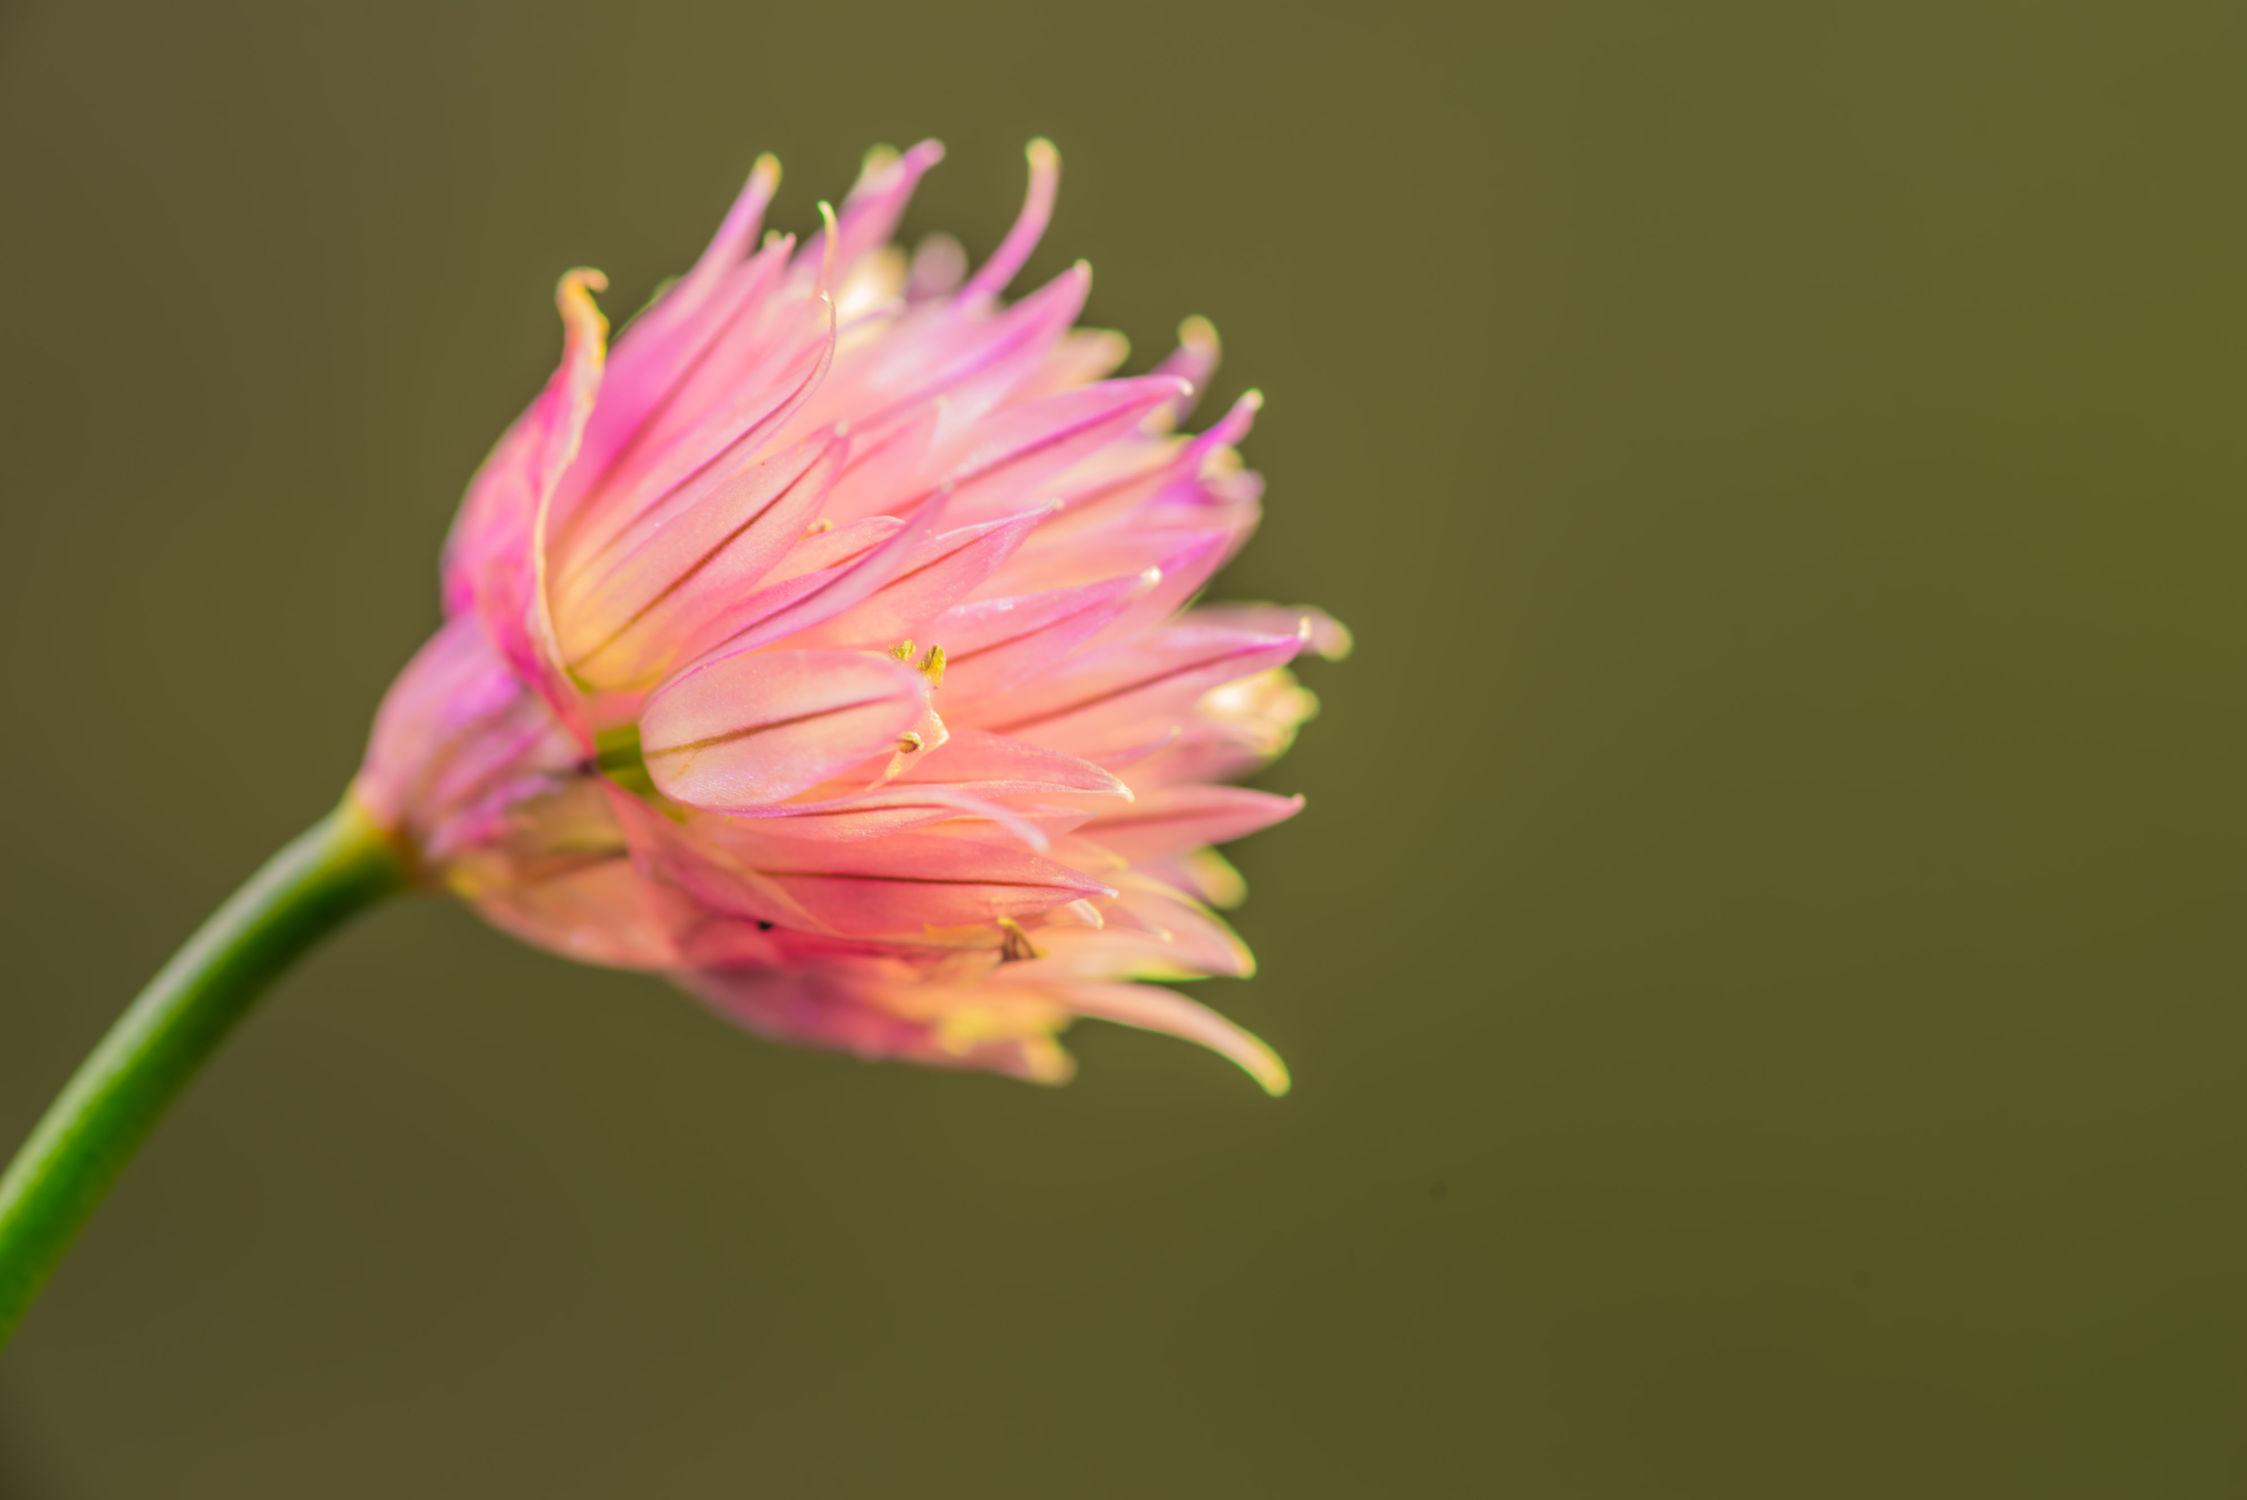 Bild mit Natur, Pflanzen, Essen, Blumen, Nahrungsmittel, Makro, Küchenbild, Licht, garten, blüte, nahaufnahme, Schnittlauch, Schatten, Gewürze